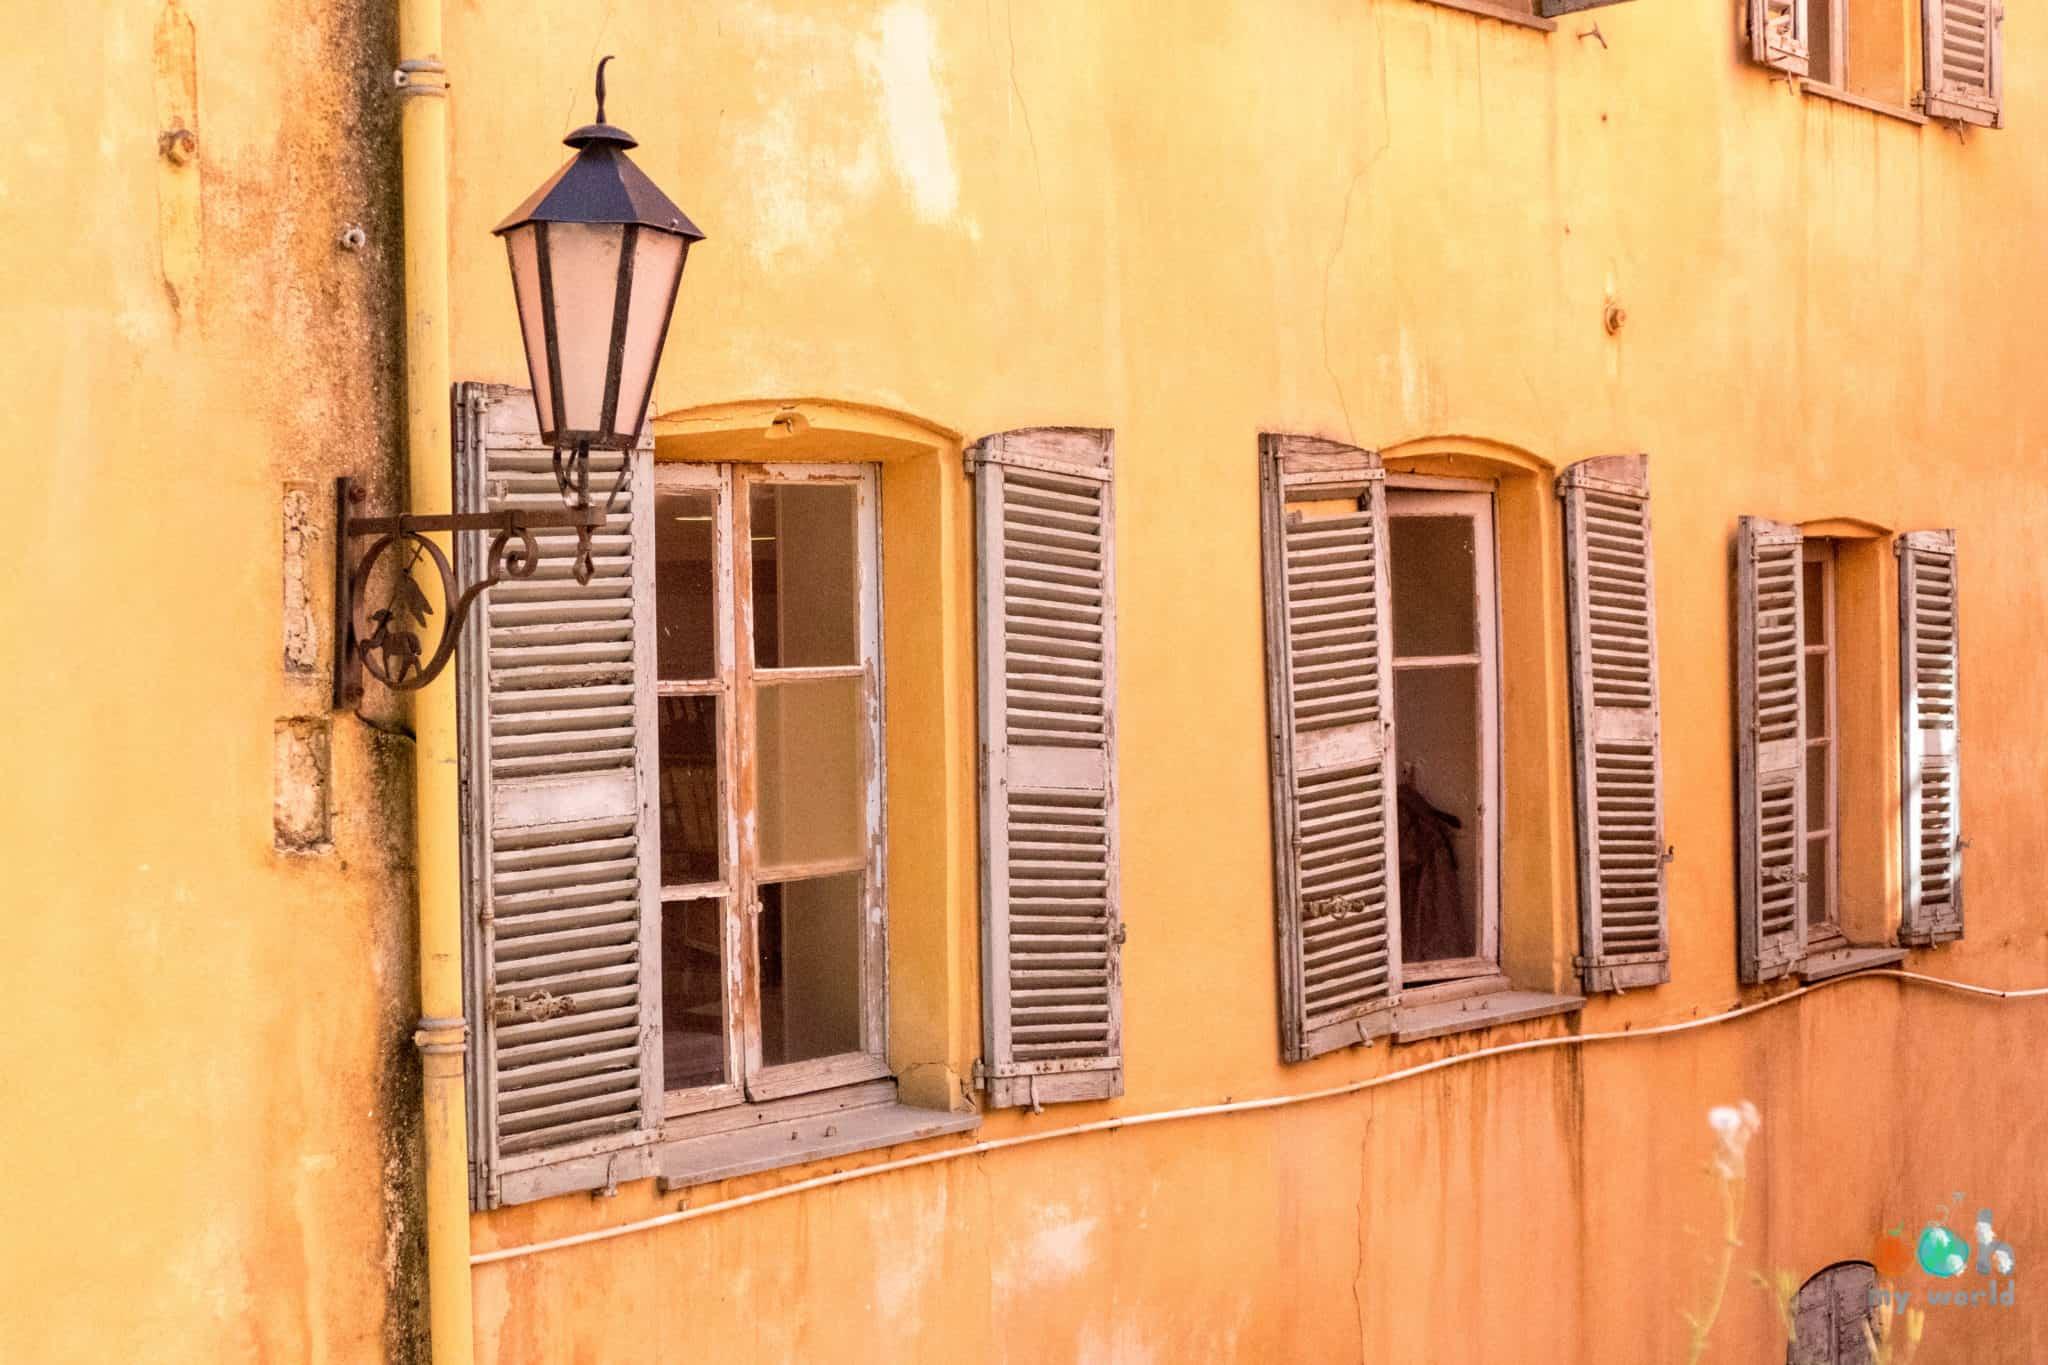 Couleur typique des maisons du vieux Grasse